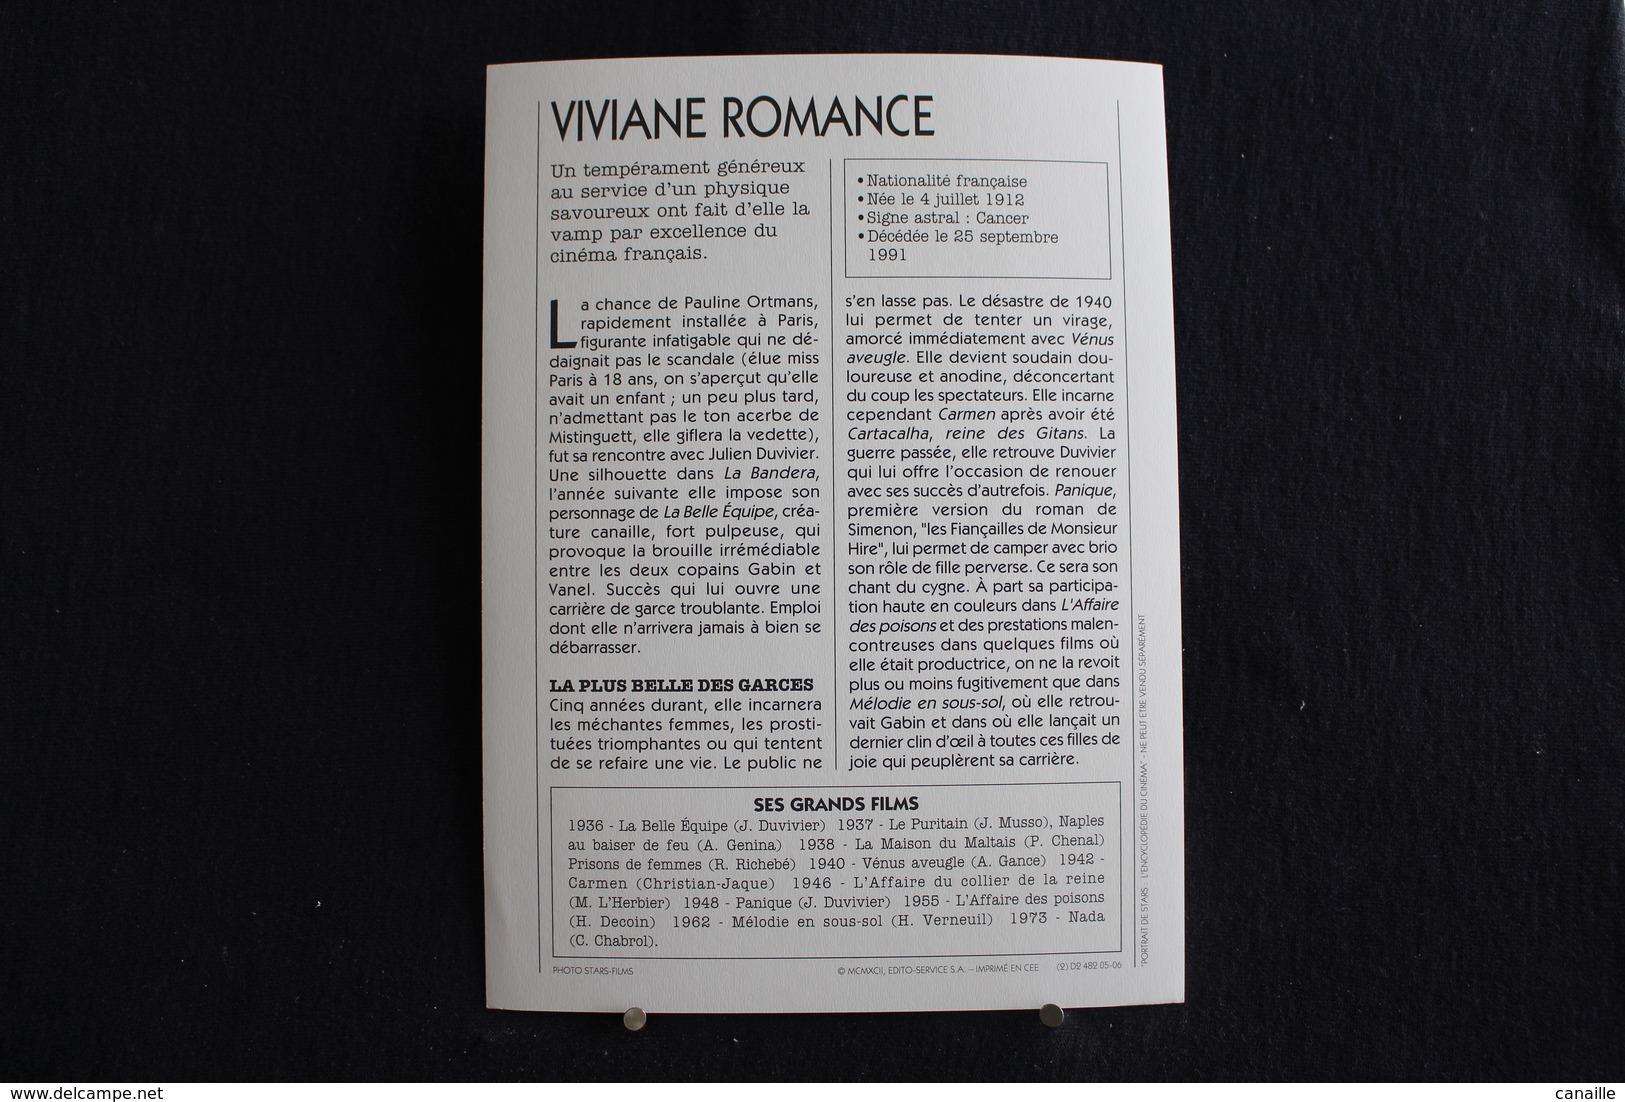 Sp-Actrice,française,1940 - Viviane Romance, Née Le 4 Juillet 1912 à Roubaix Et Morte Le 25 Septembre 1991 à Nice,france - Acteurs